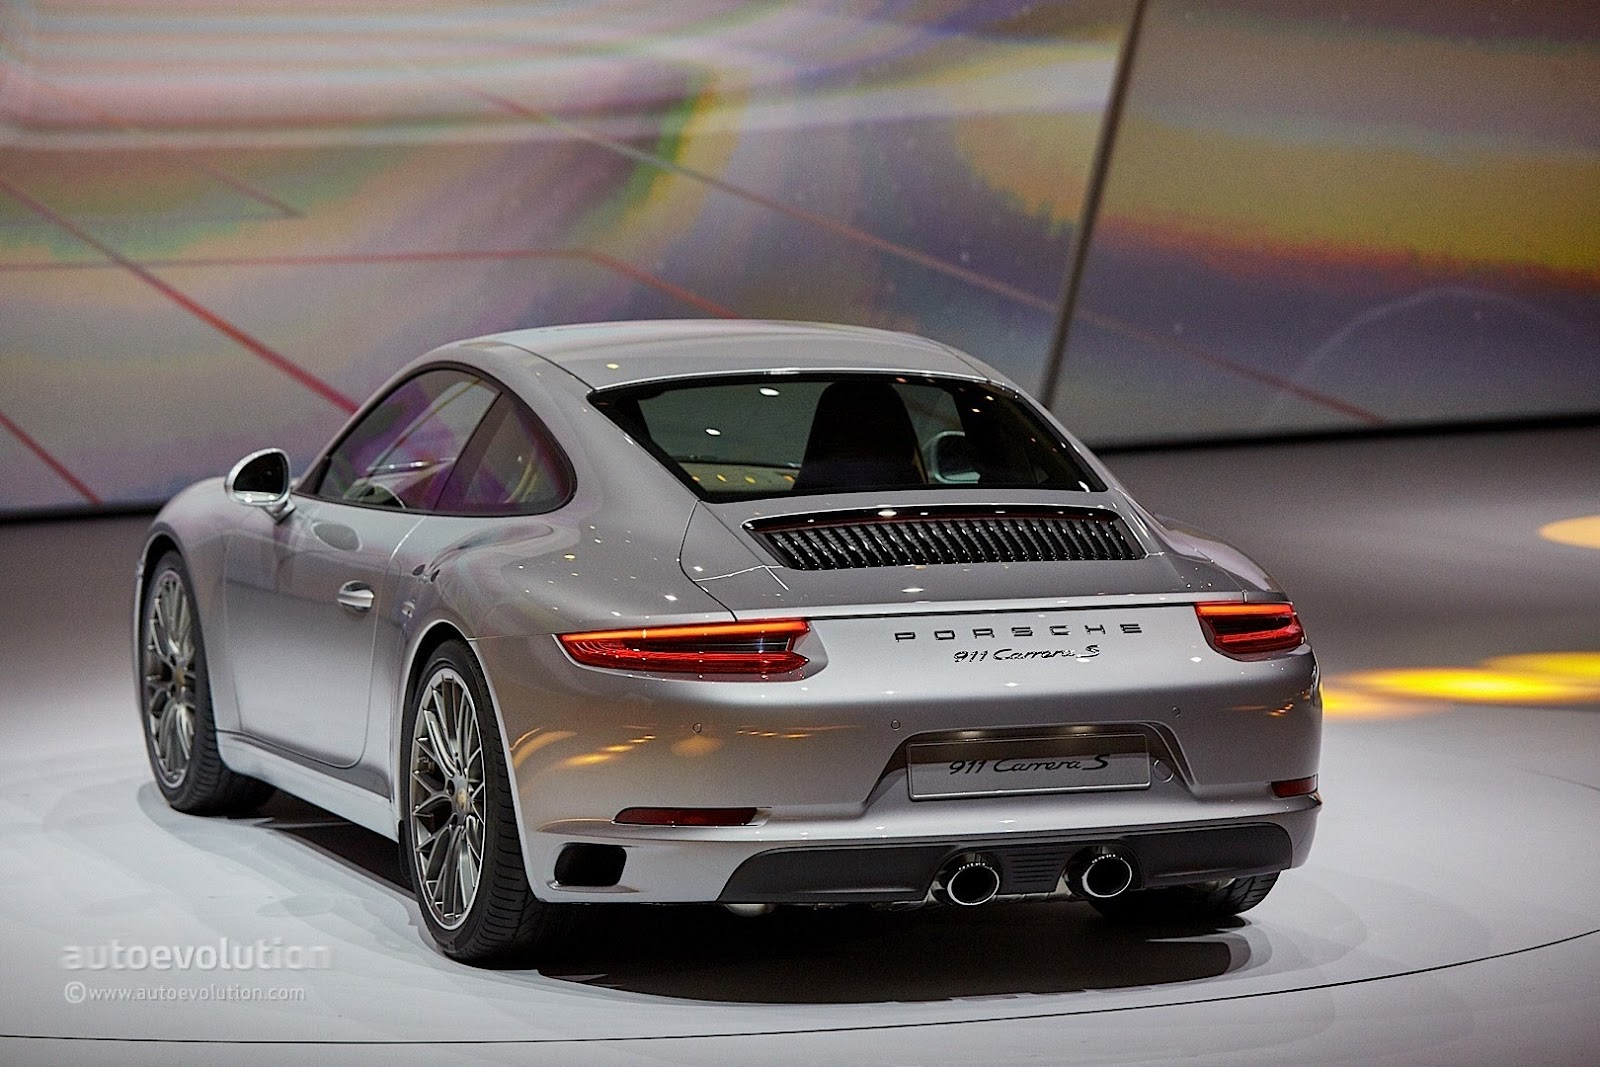 2017 porsche 911 specs and review | autocars